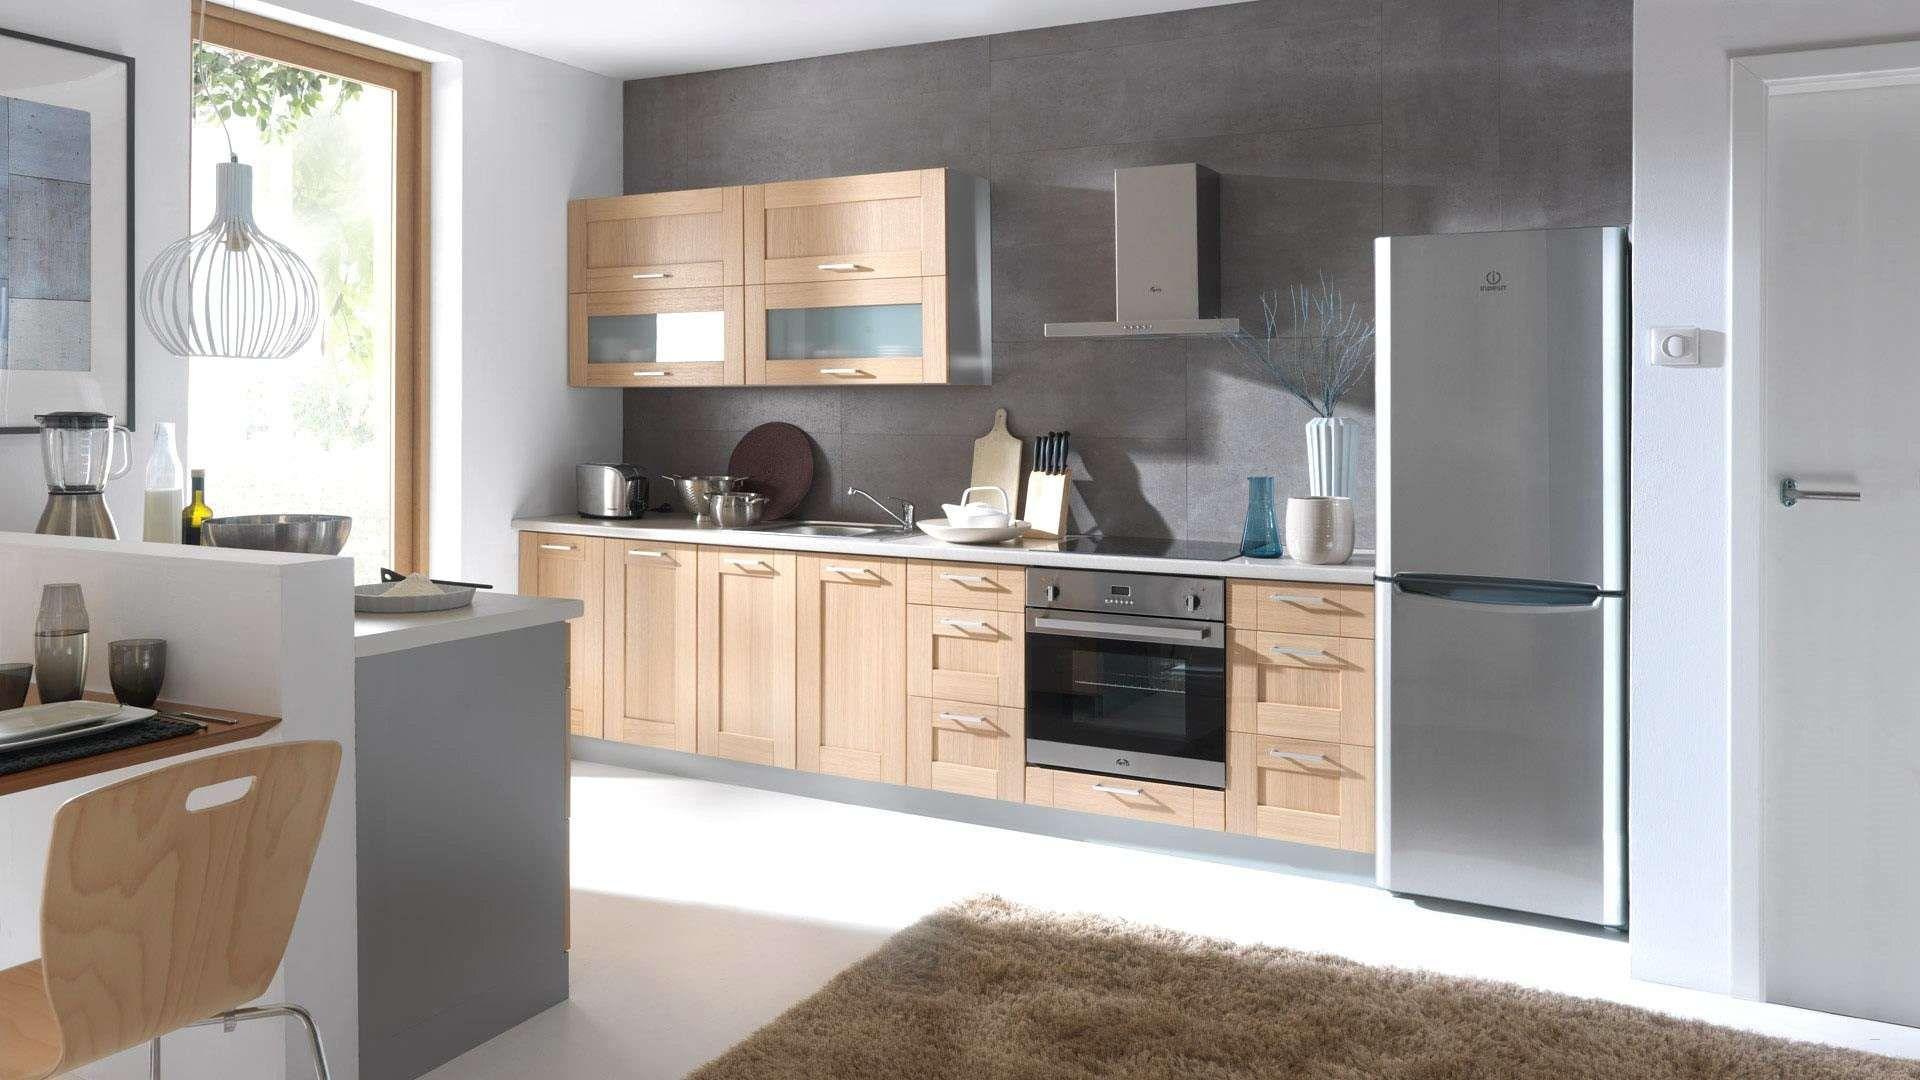 Full Size of Küche Gebraucht Ebay Gastronomie Sthle 25 Exclusive Gastro Kche Luxus Sitzgruppe Kaufen Ikea Beistelltisch Amerikanische Landhausküche Eckschrank Lampen Wohnzimmer Küche Gebraucht